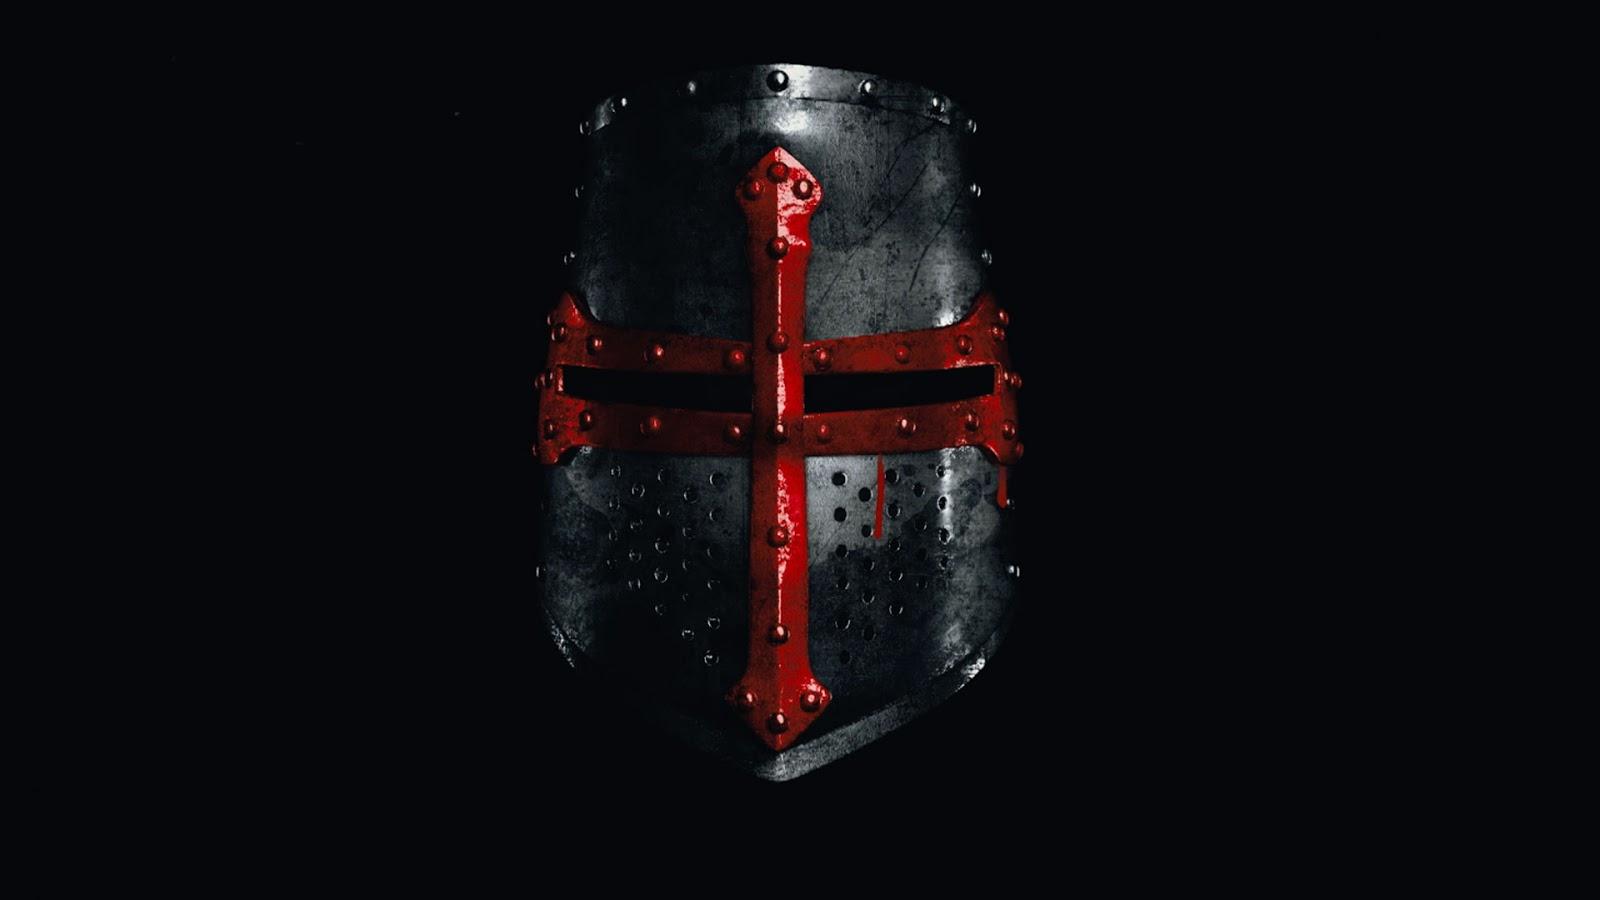 Knights Templar Wallpaper Iphone Knightfall Las Incongruencias De Un Medievo Vac 237 O Y Sin